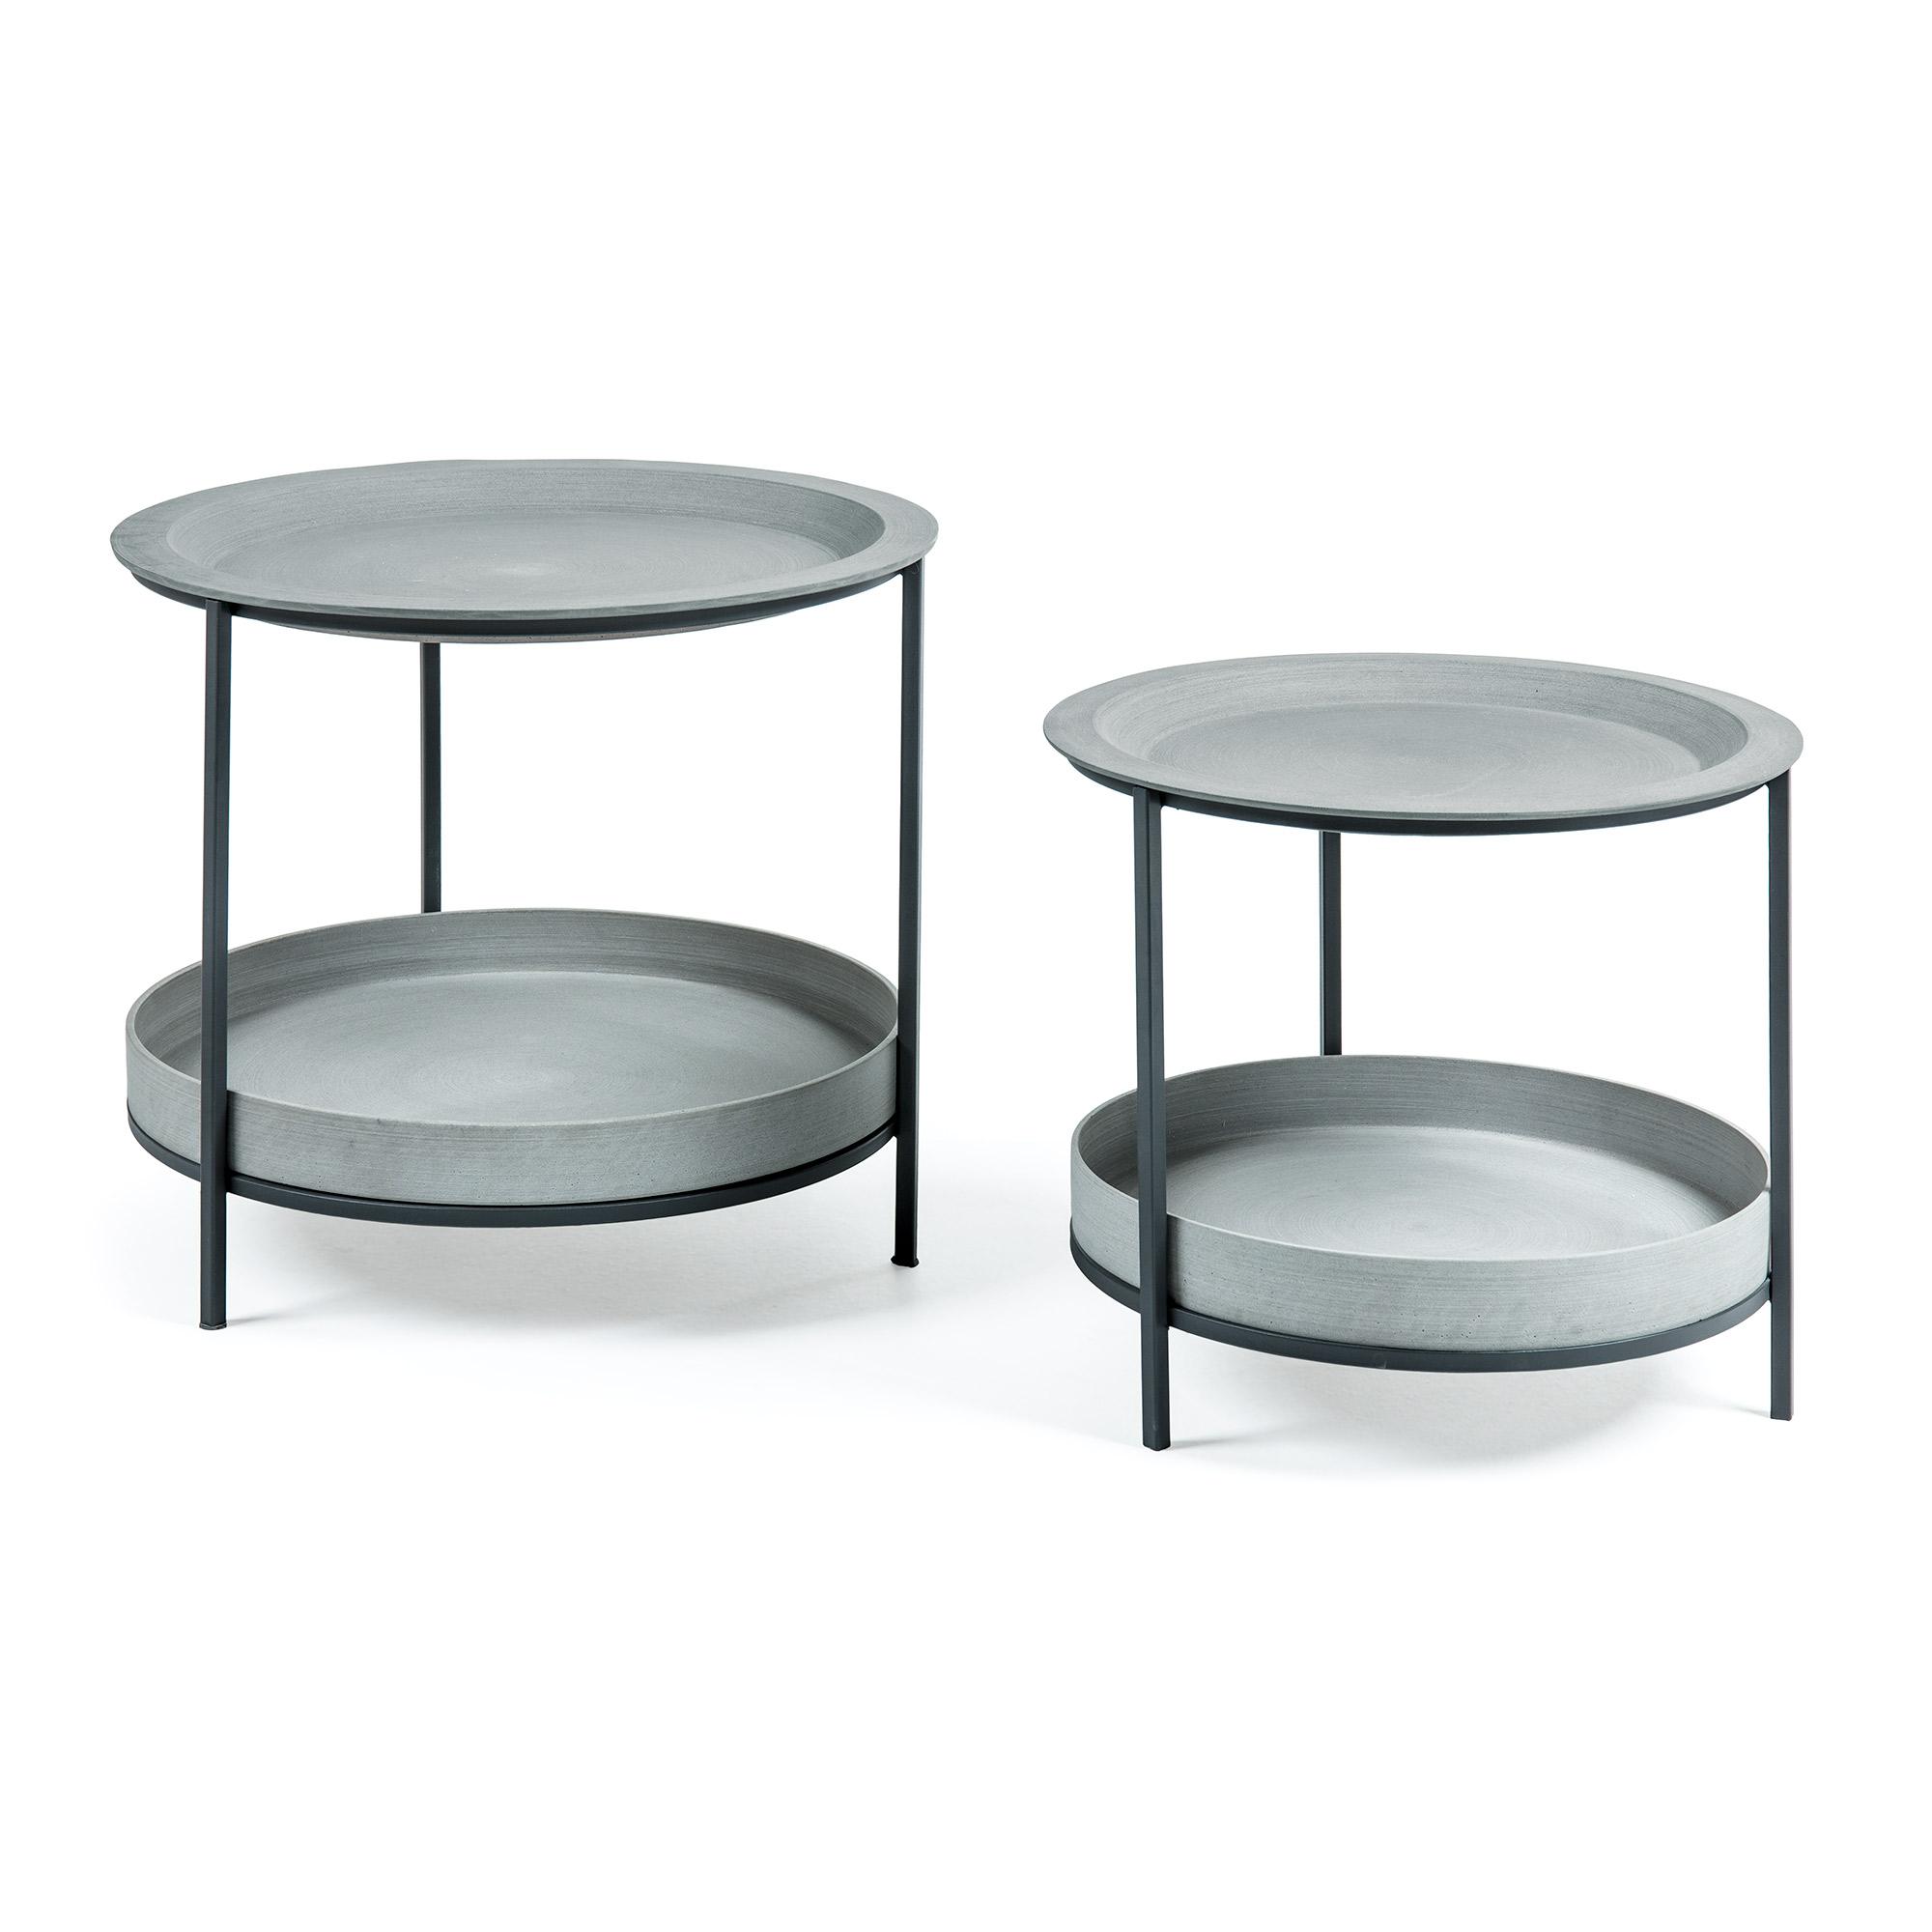 Sleet sidebord - grå/sort cement/metal, m. hylde (sæt á 2)